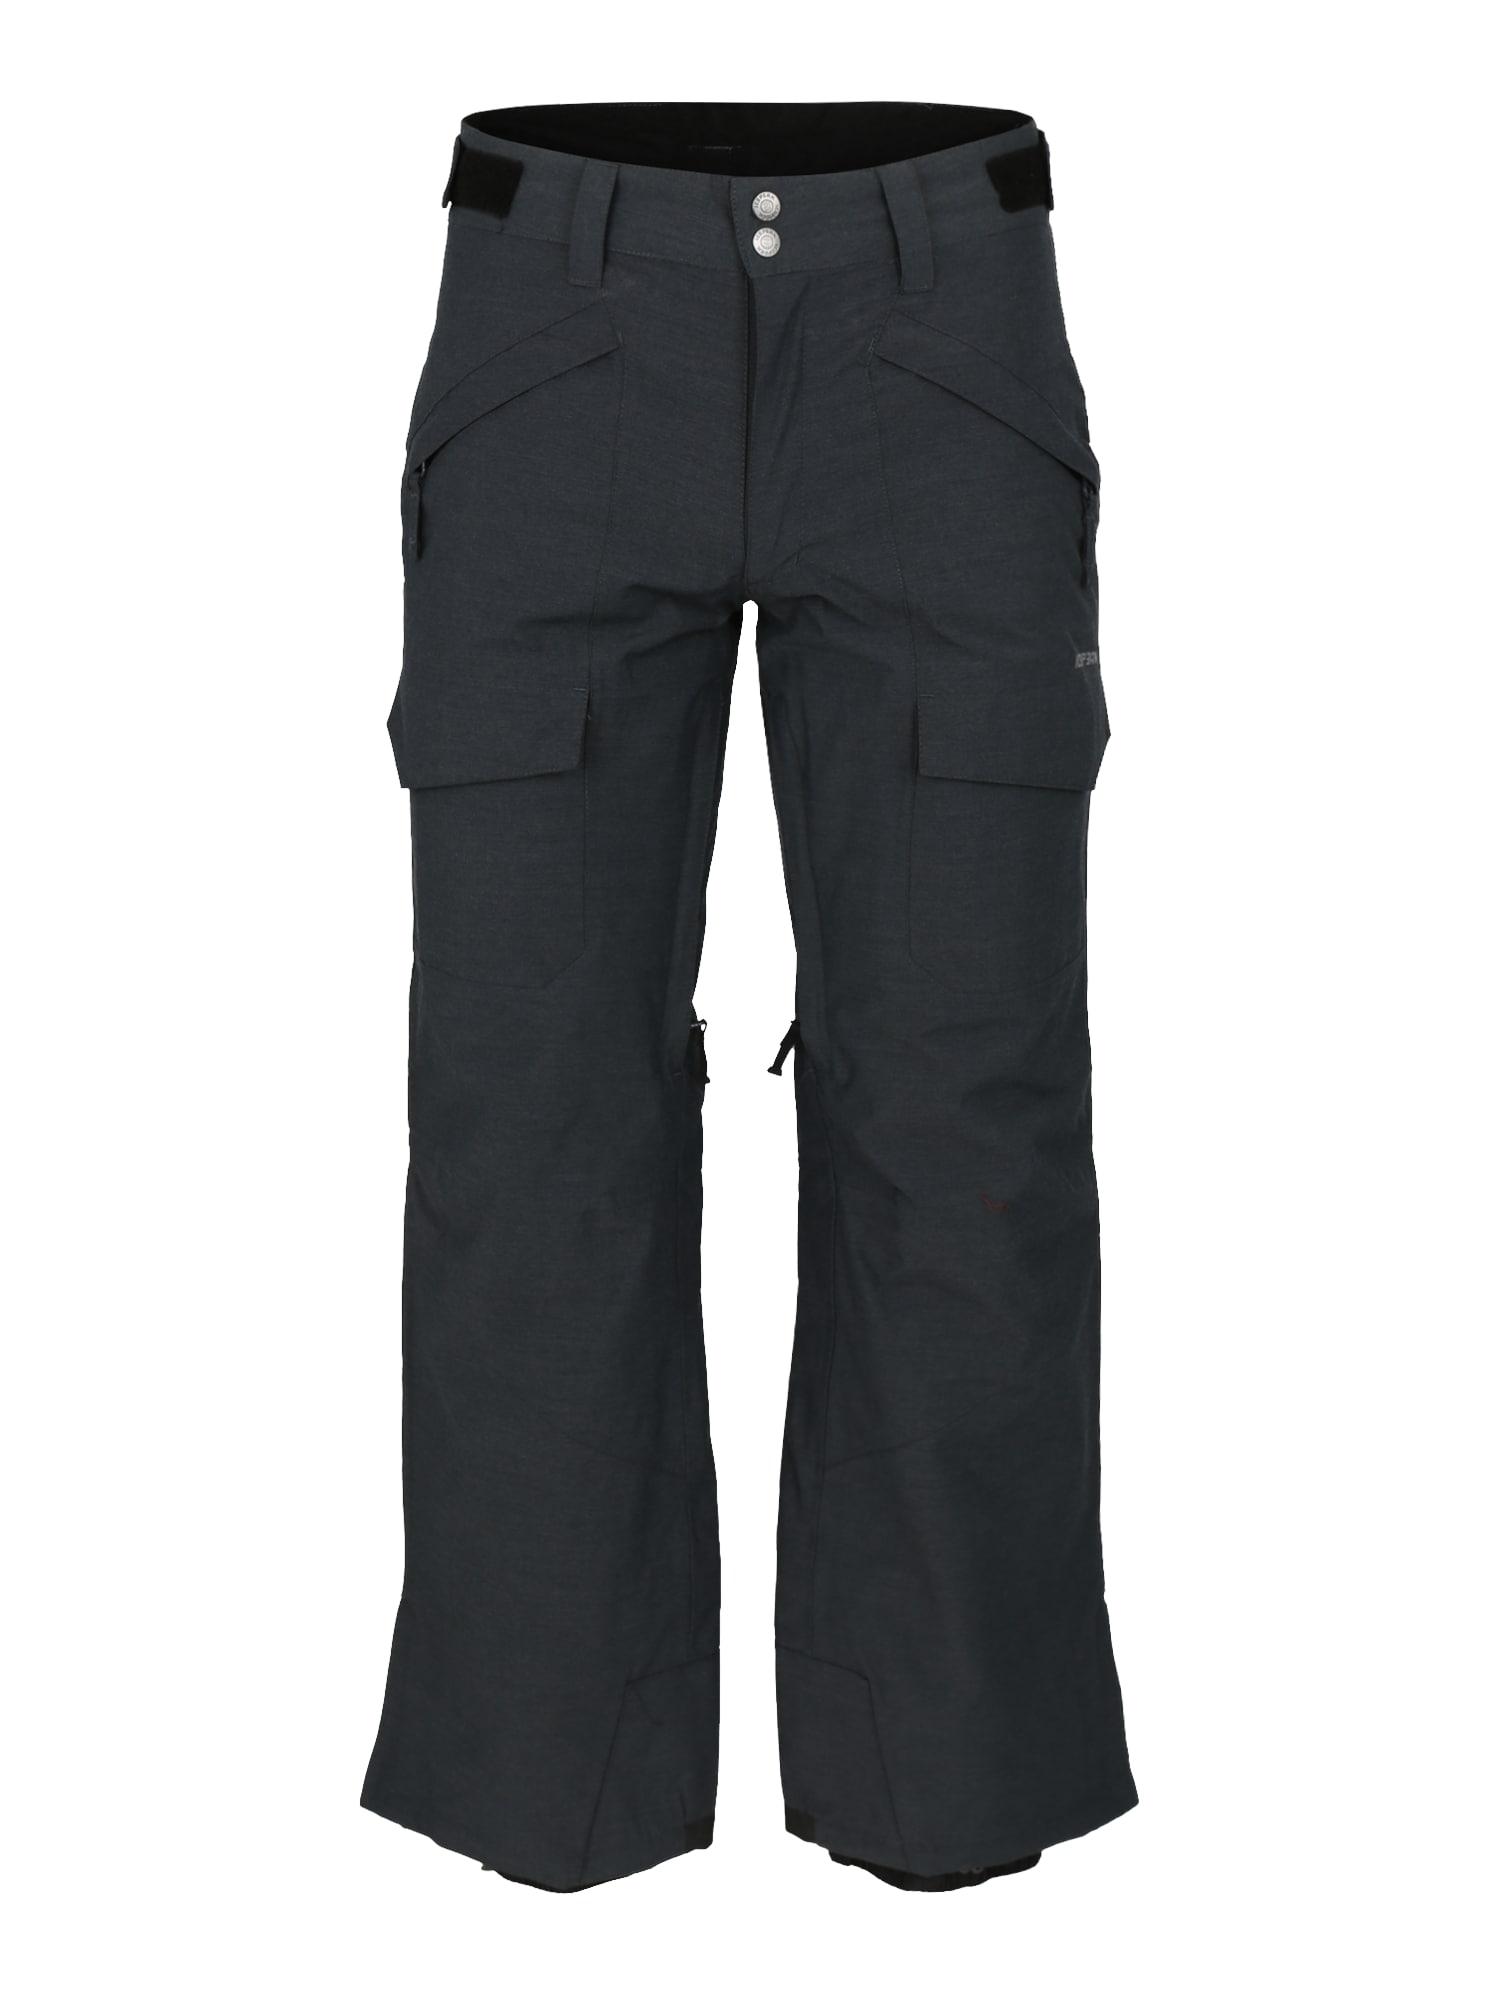 Sportovní kalhoty Kenta šedá antracitová ICEPEAK